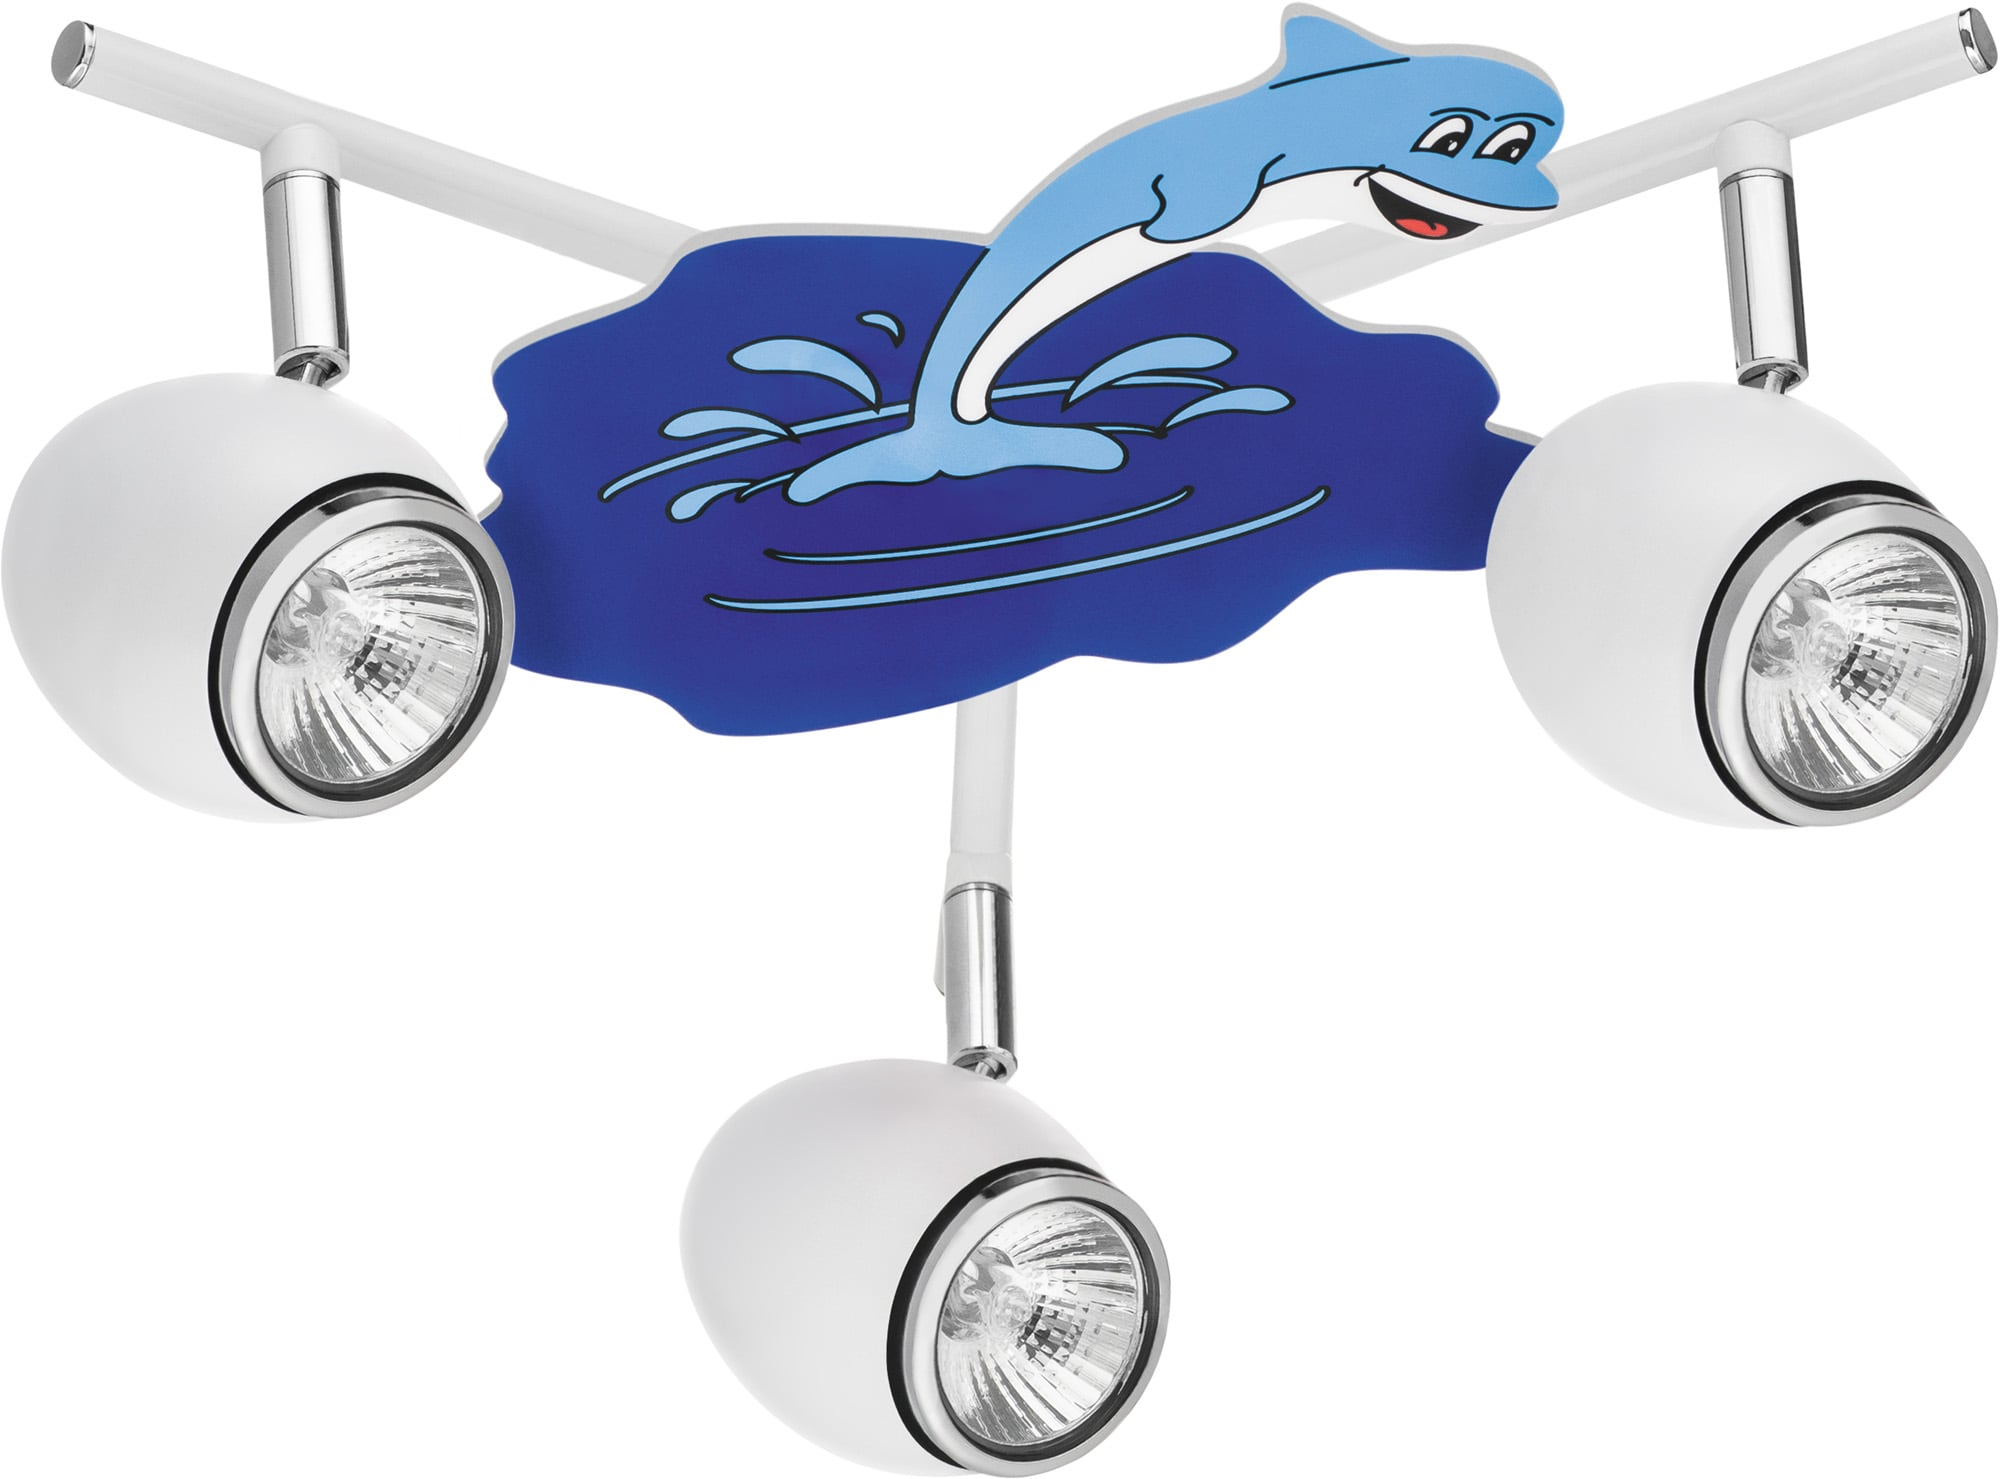 Lampa dla dziecka Delfin biały/ chrom 3x50W GU10